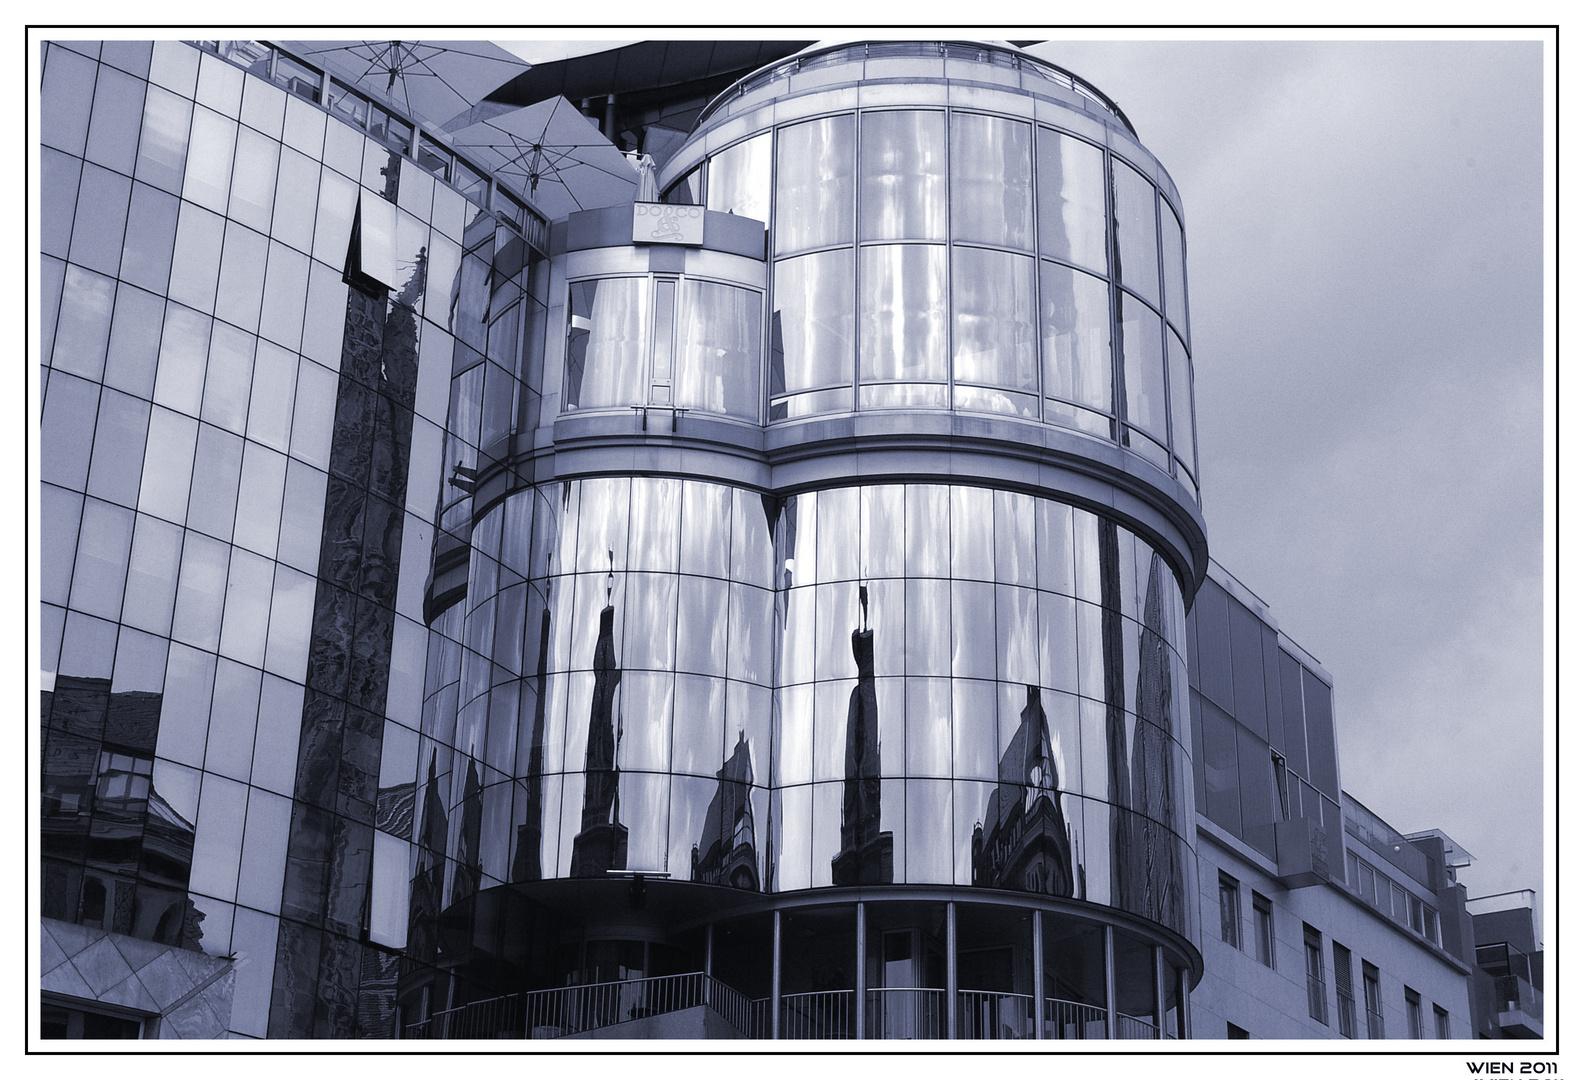 Wien, es spieglt sich der Stephansdom